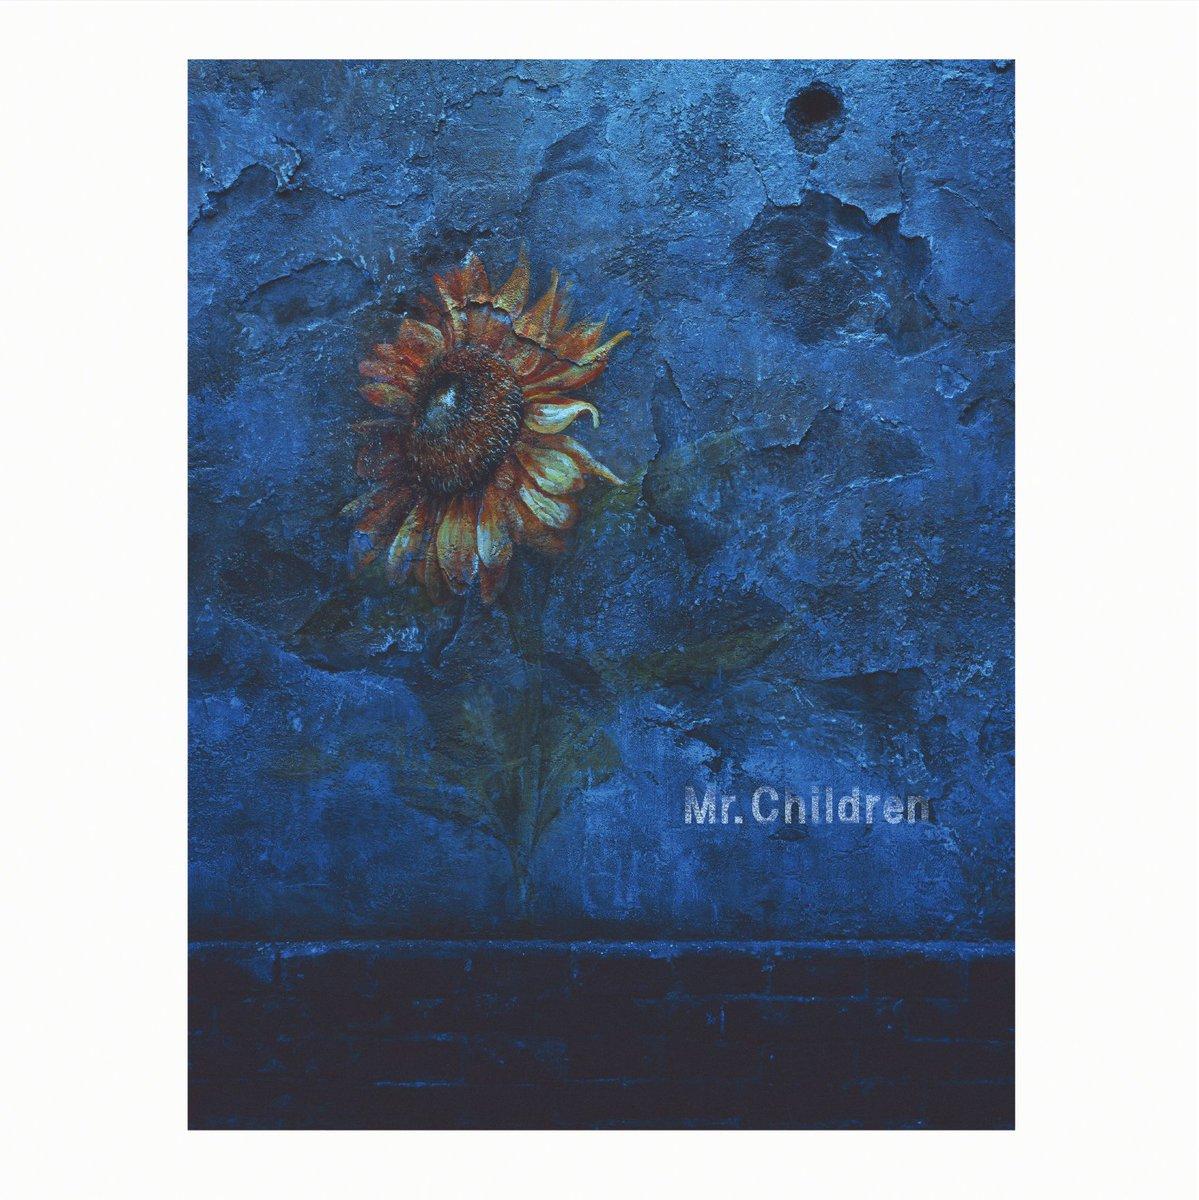 【音楽】Mr.Children、7月に新シングル『himawari』リリース 映画『キミスイ』主題歌